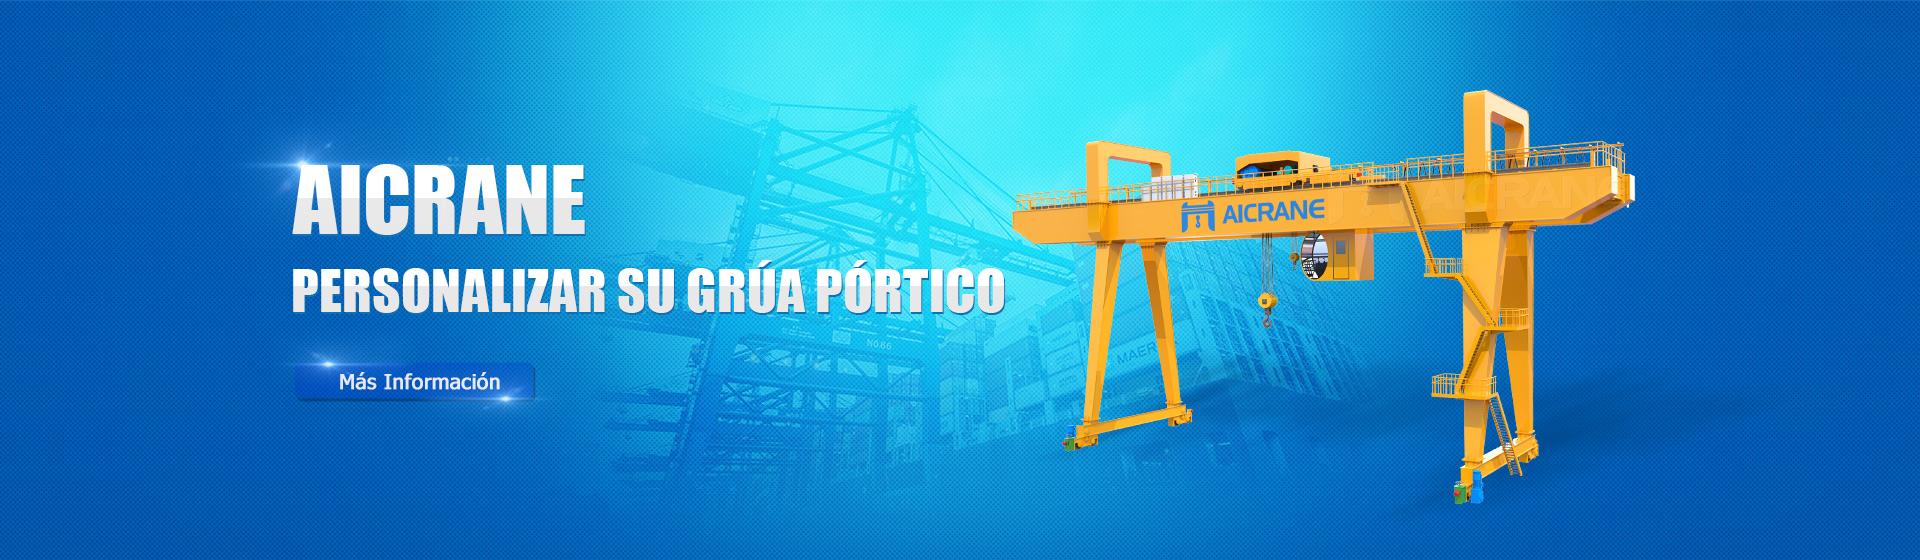 Profesional Fabricante De Grúa Pórtico - Aicrane Maquinaria